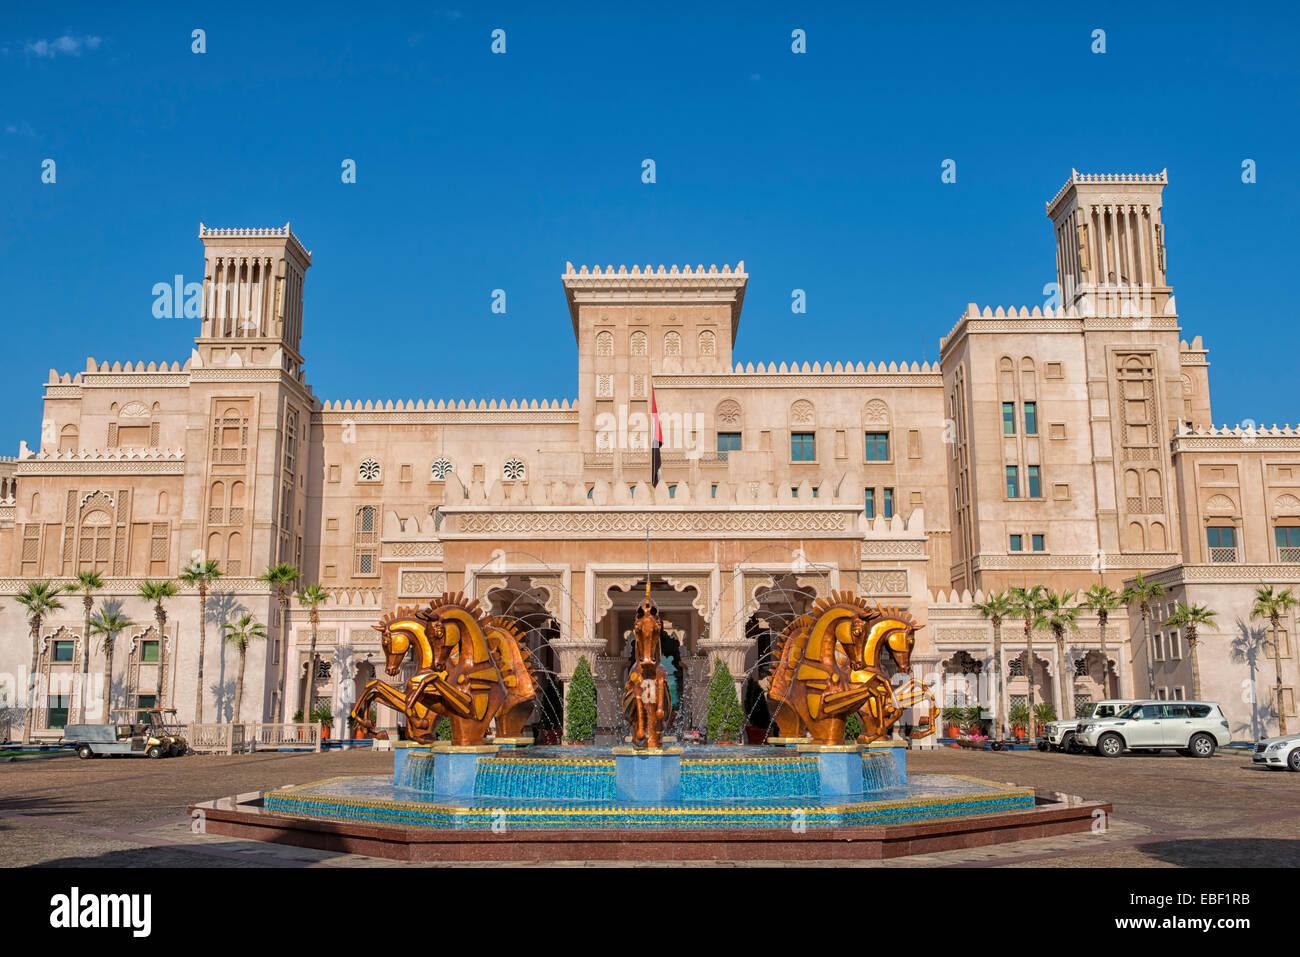 Dubai Ruler Stock Photos & Dubai Ruler Stock Images - Page 3